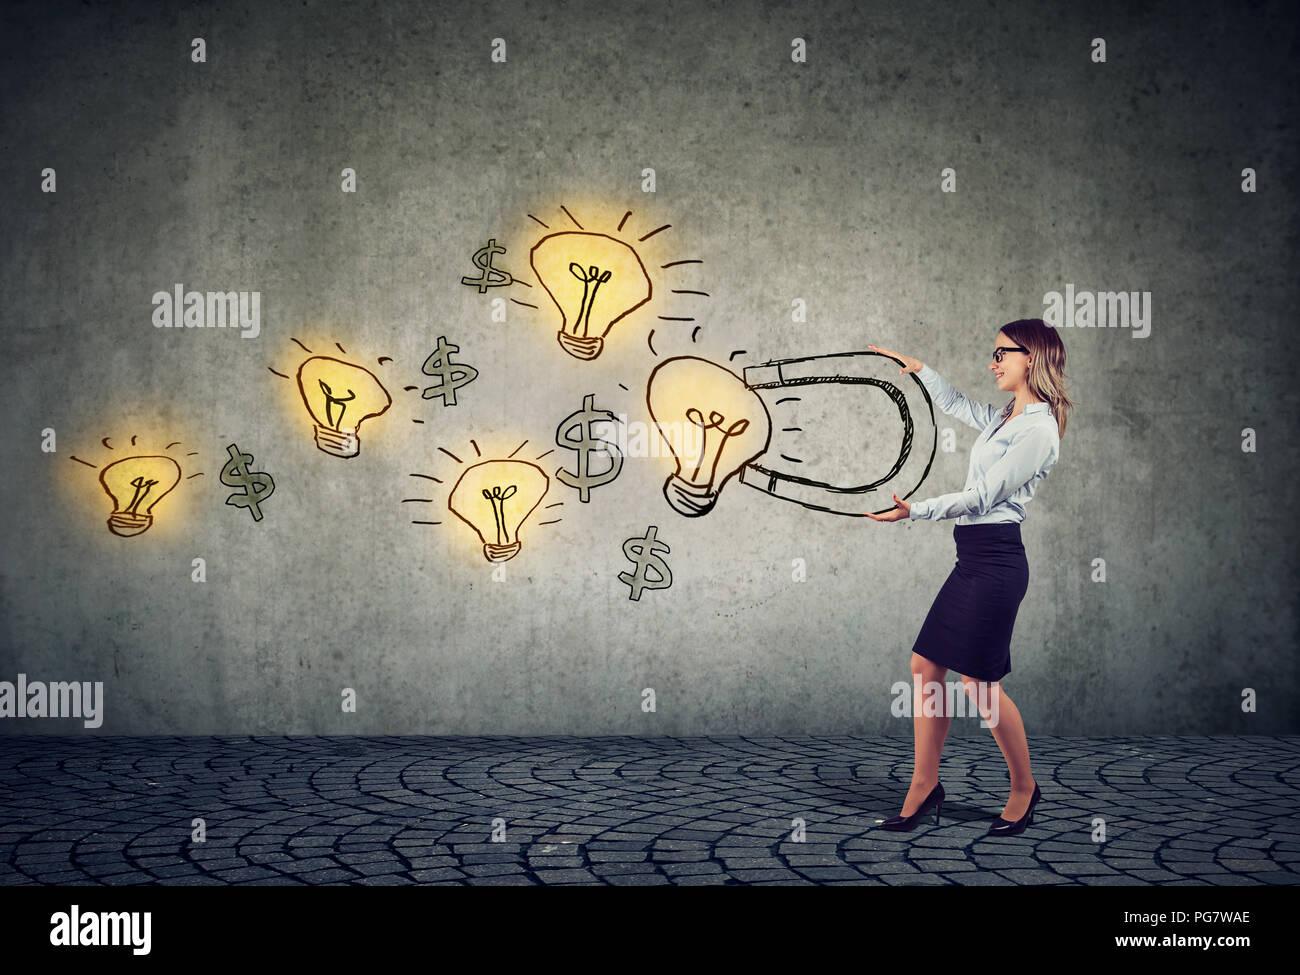 Femme d'affaires attire les idées lumineuses des ampoules d'un gros aimant Photo Stock